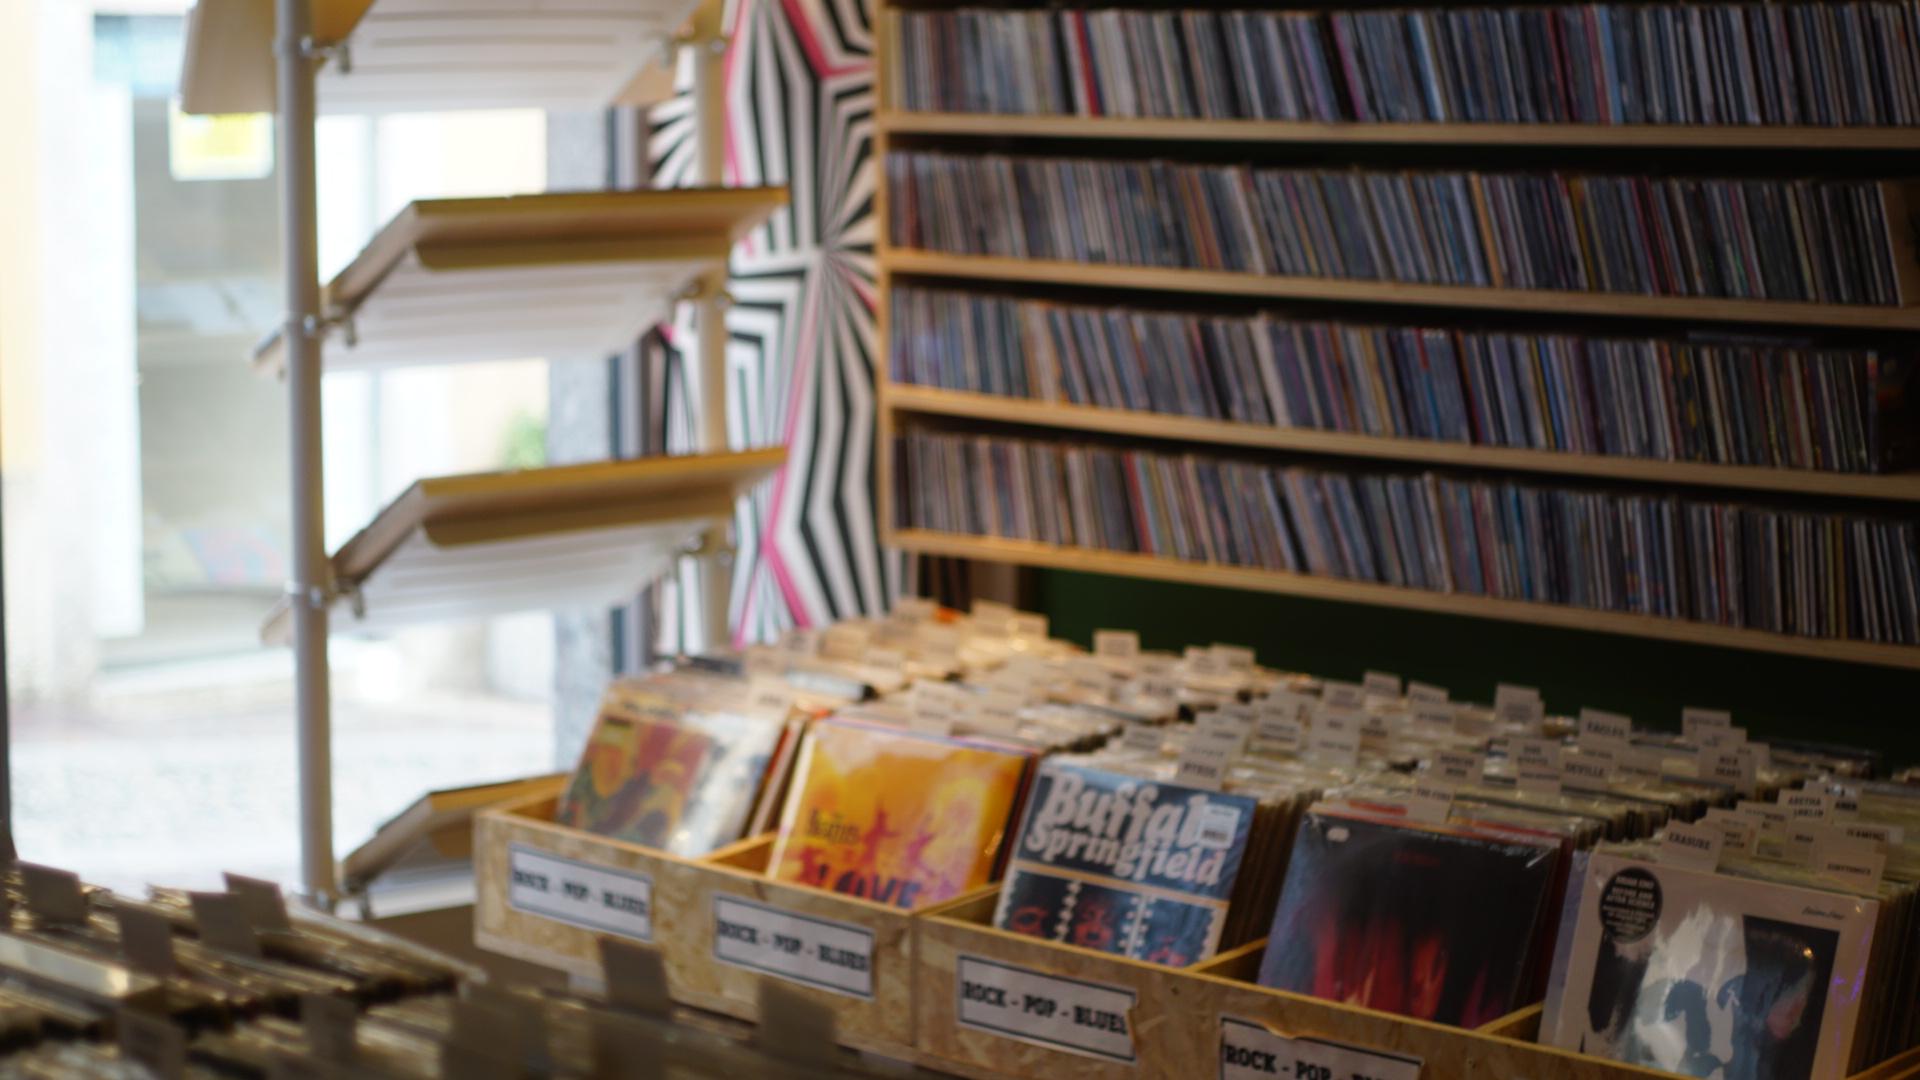 Vinili, cd, polaroid, giradischi usati e mixer nuovi. A Lecco il The Concept store suona di tutto, da musica in formato vintage a veri e proprio eventi live